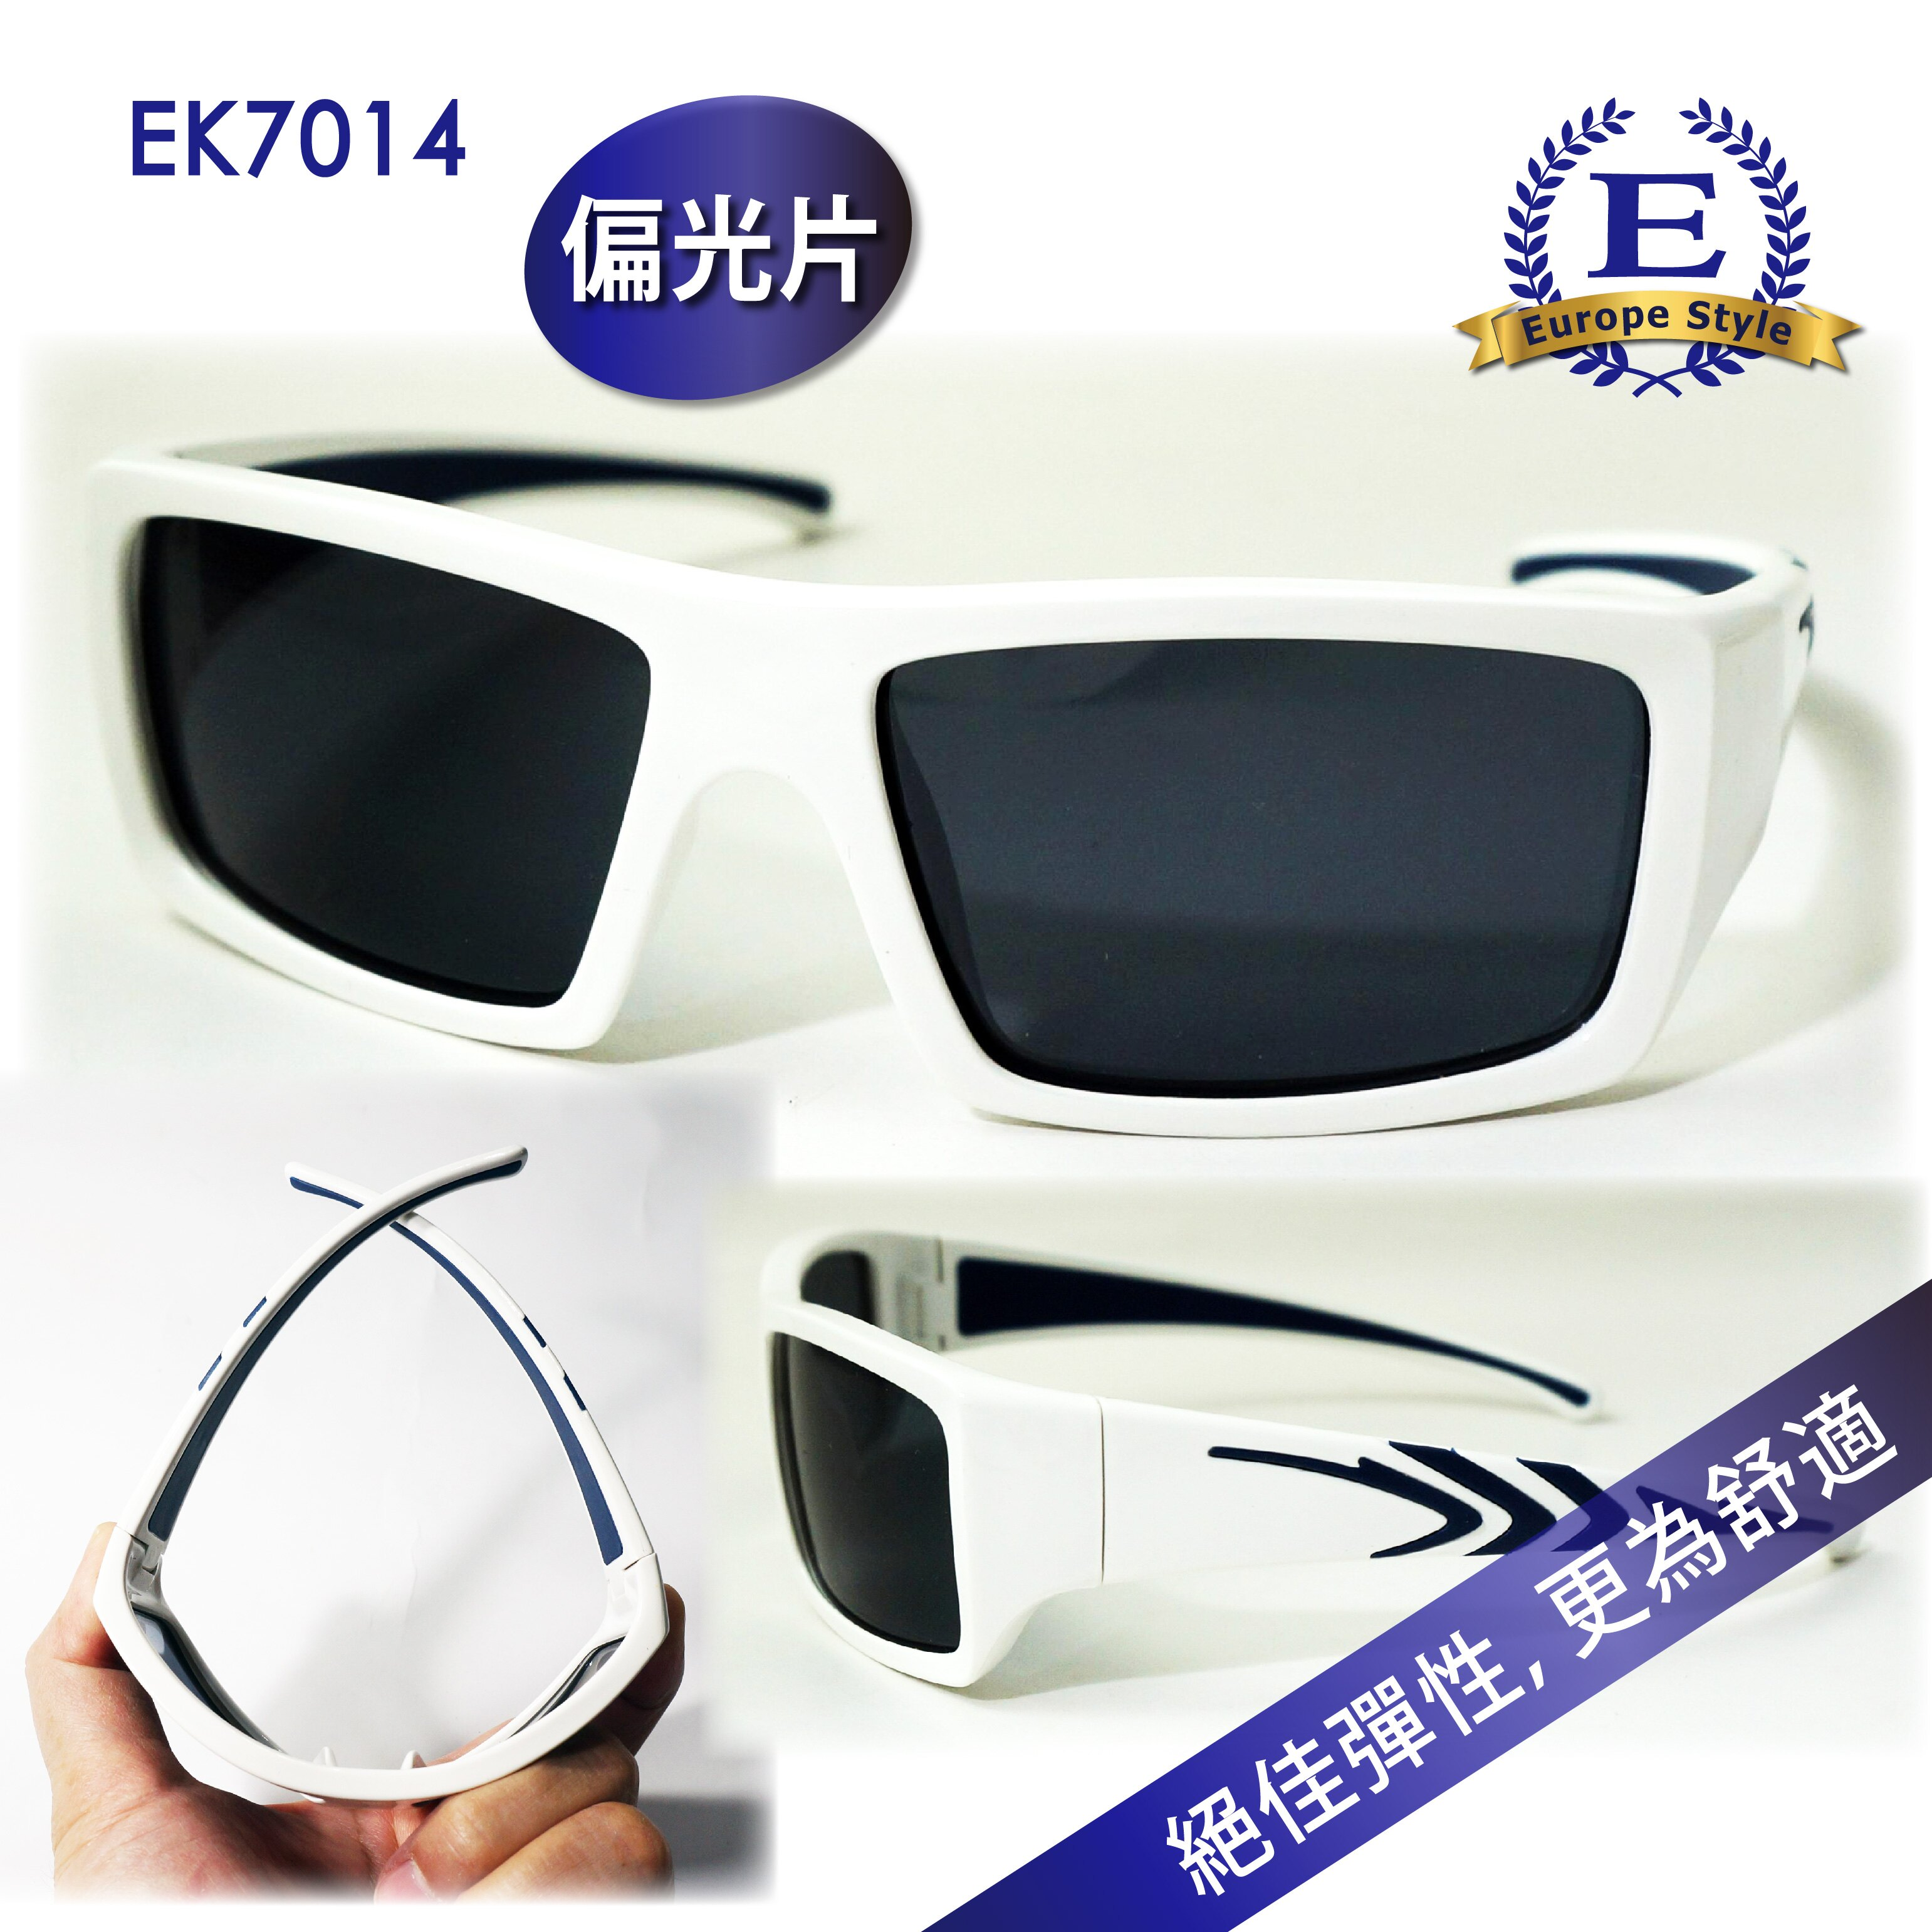 【歐風天地】兒童偏光太陽眼鏡 EK7014 偏光太陽眼鏡 防風眼鏡 單車眼鏡 運動太陽眼鏡 運動眼鏡 自行車眼鏡 野外戶外用品